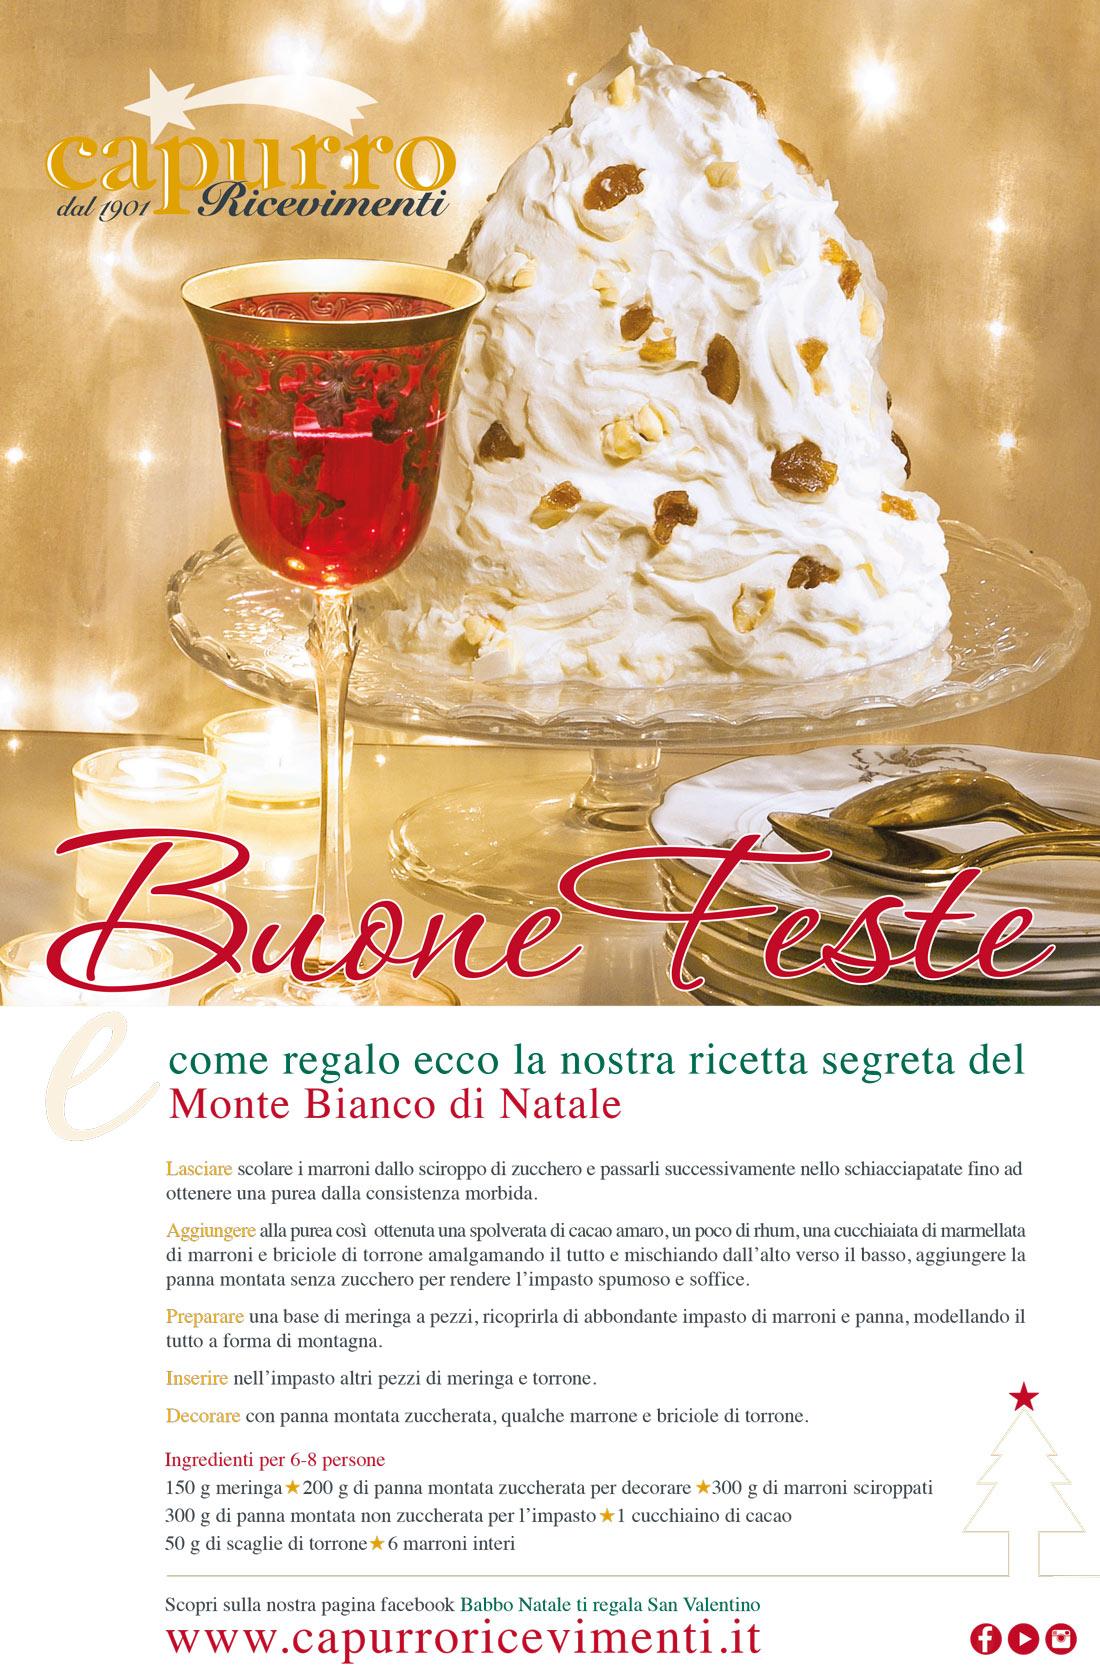 Capurro Ricevimenti La ricetta del Monte Bianco di Natale image 1